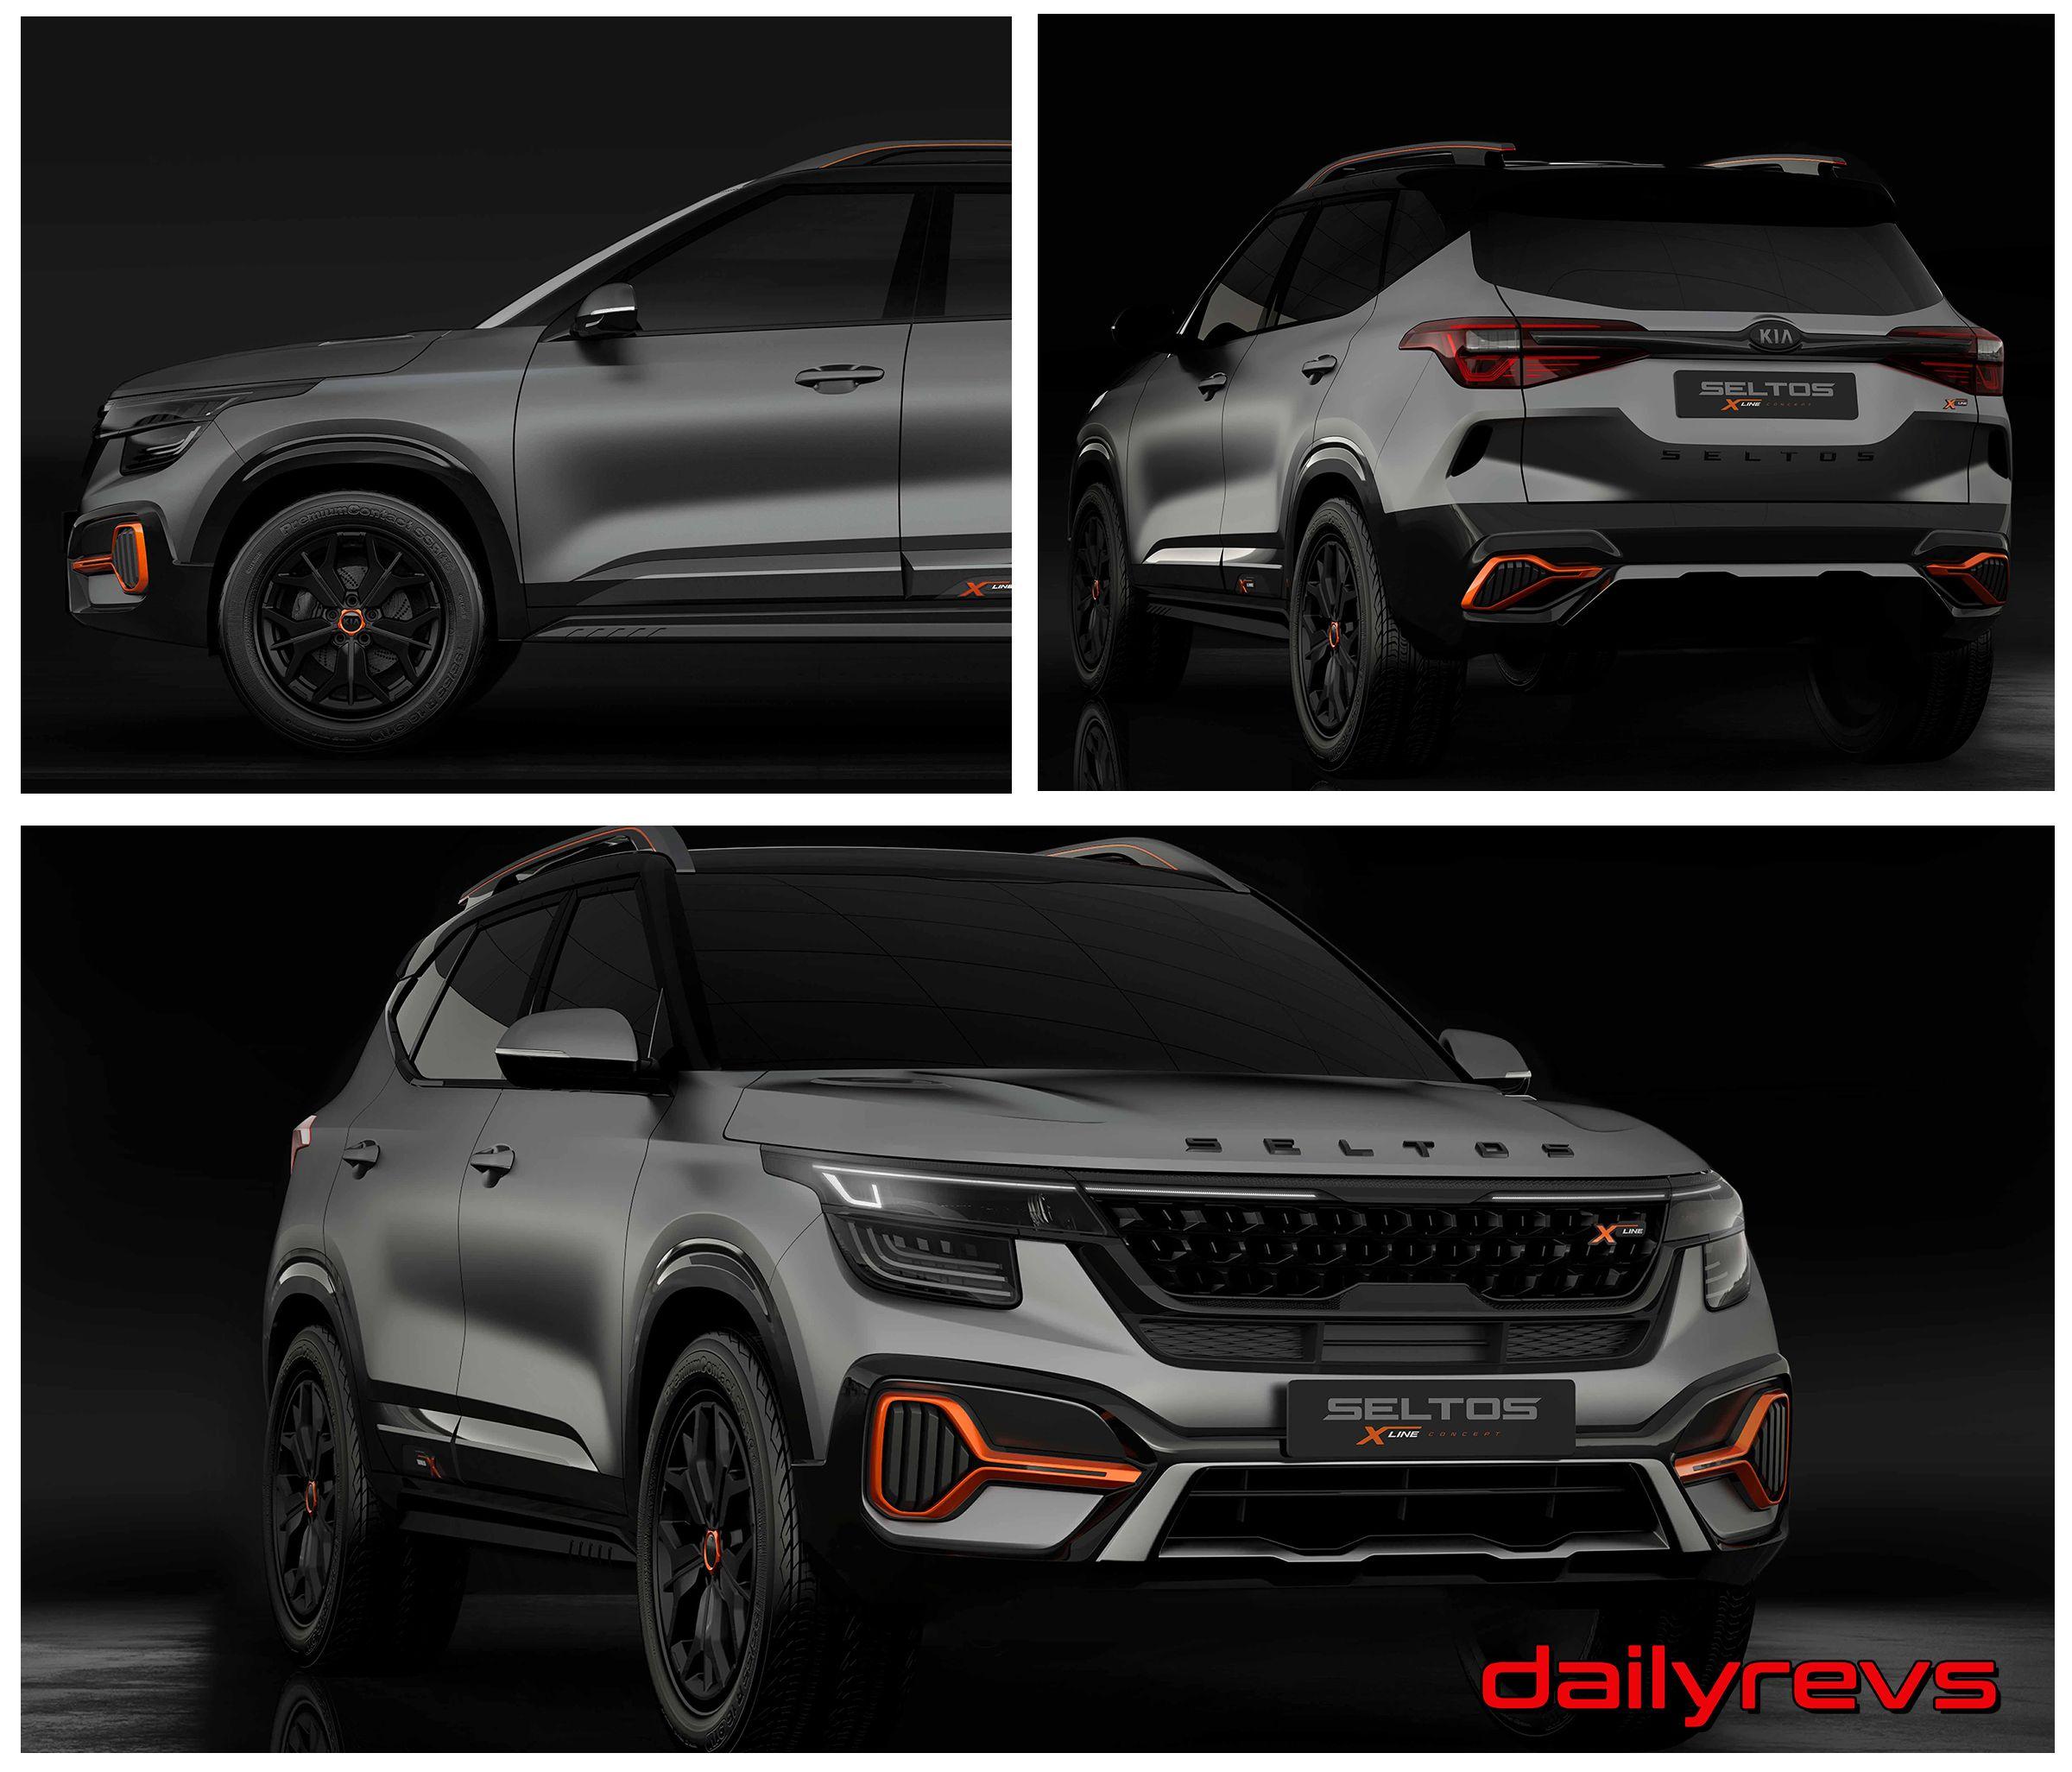 2020 Kia Seltos X Line Dailyrevs In 2020 Kia Kia Motors Toyota C Hr